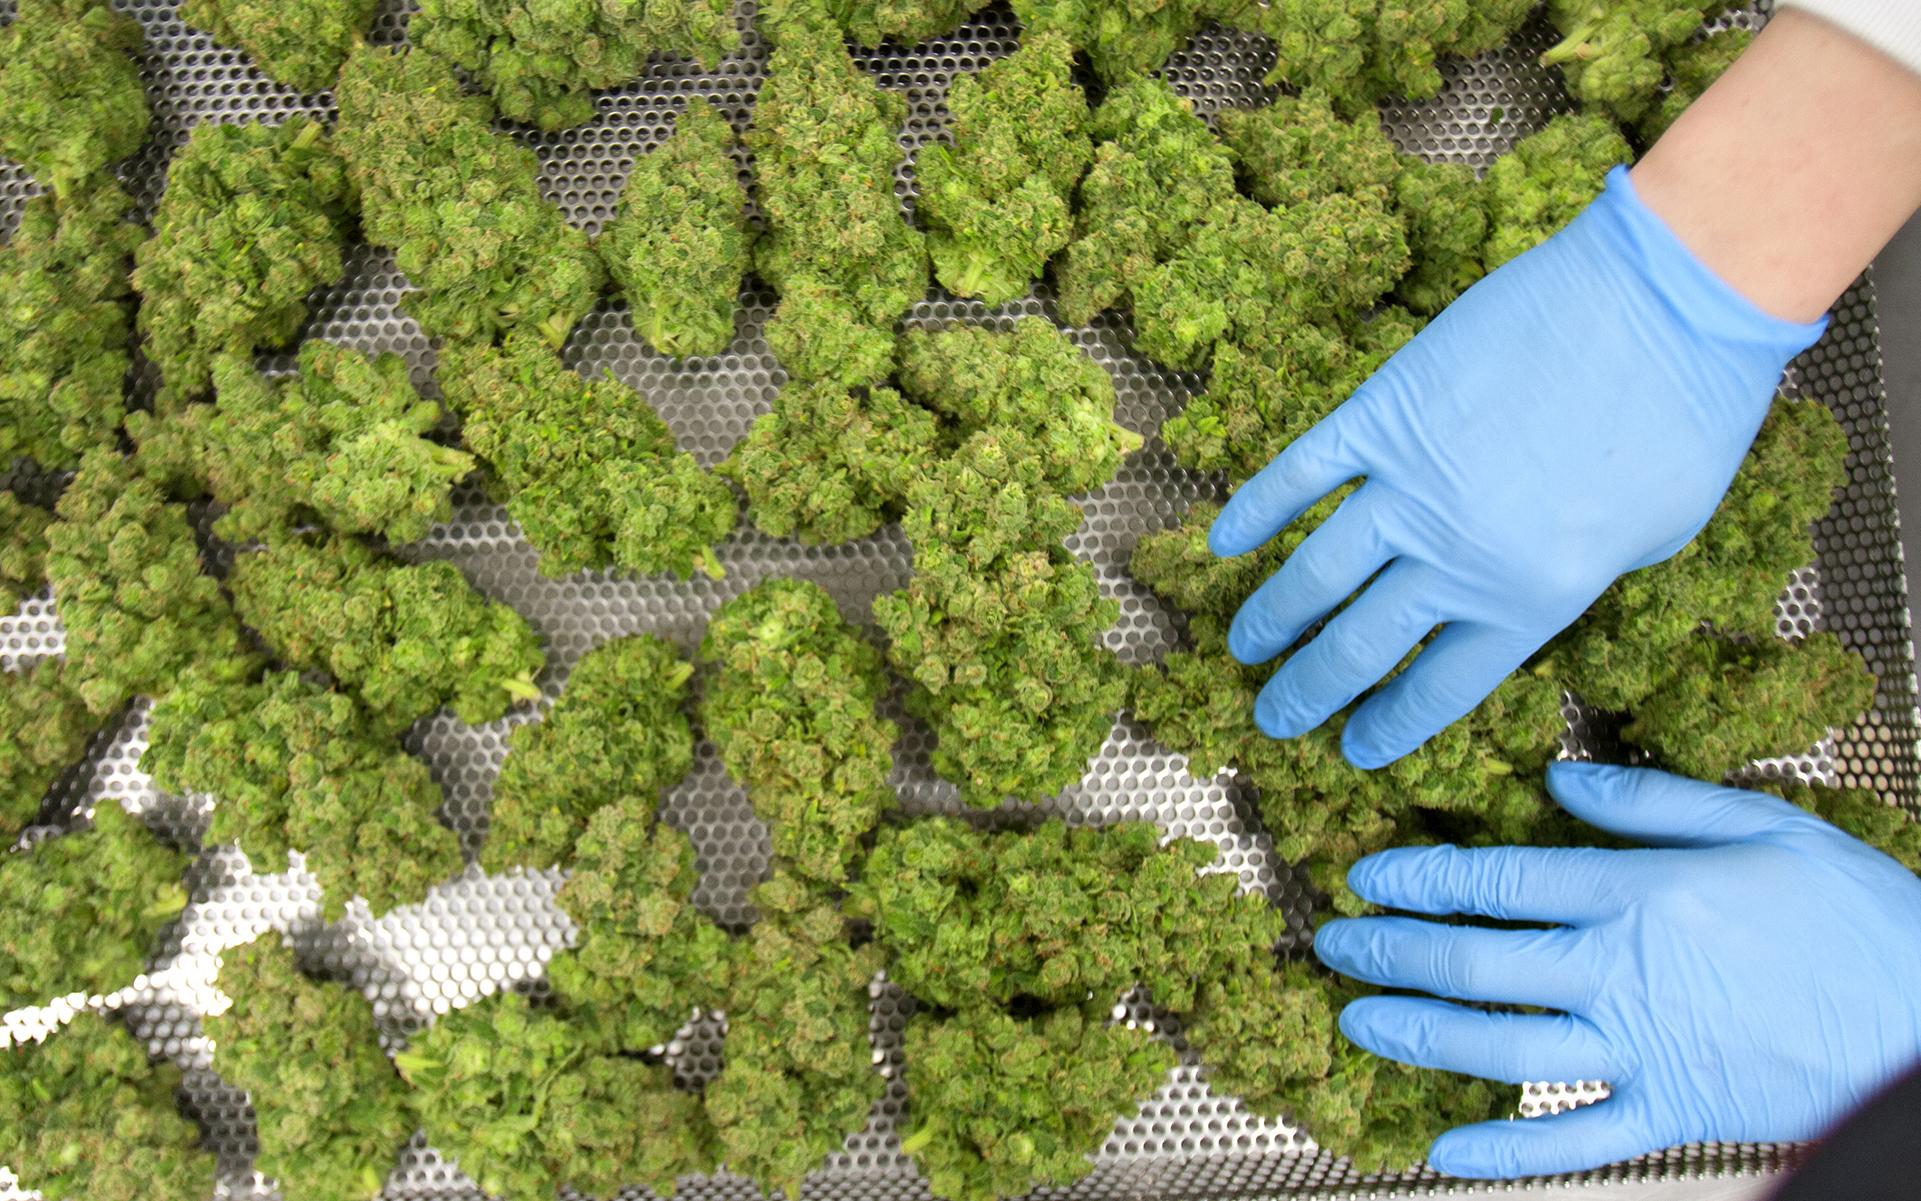 Organigram indoor grown cannabis flower on drying rack